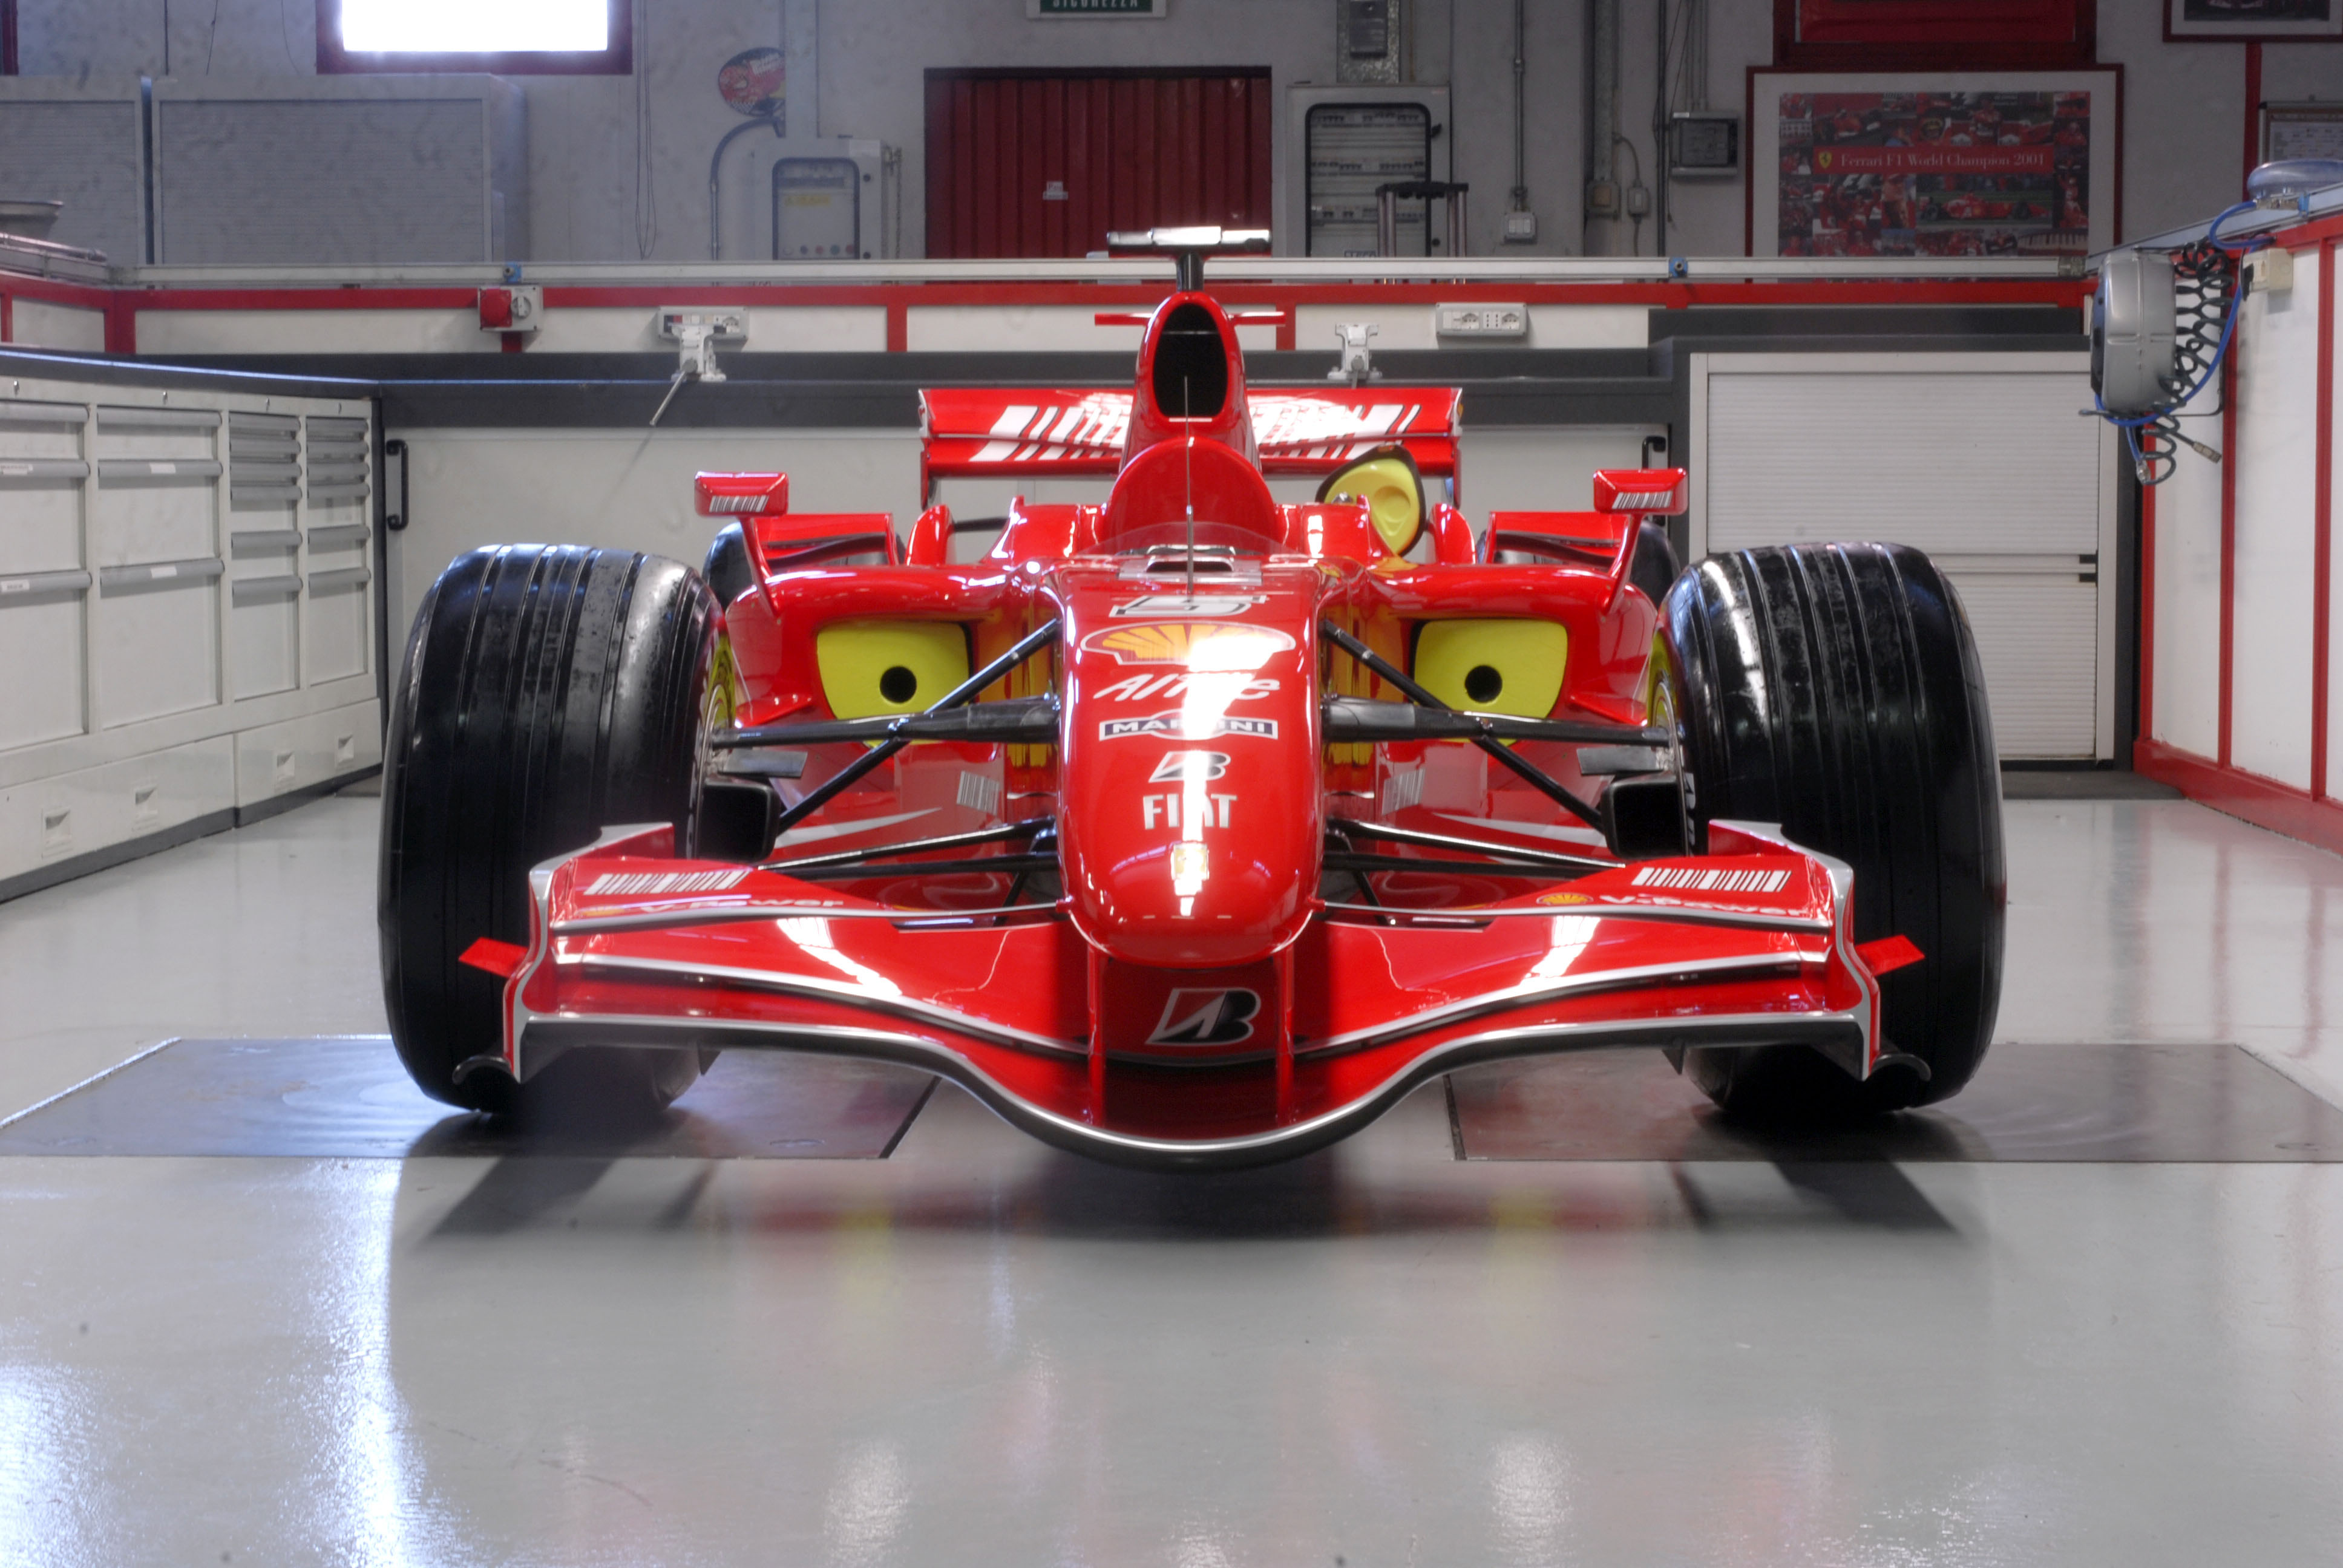 Формула-1, гонка, машина, фото, обои на рабочий стол